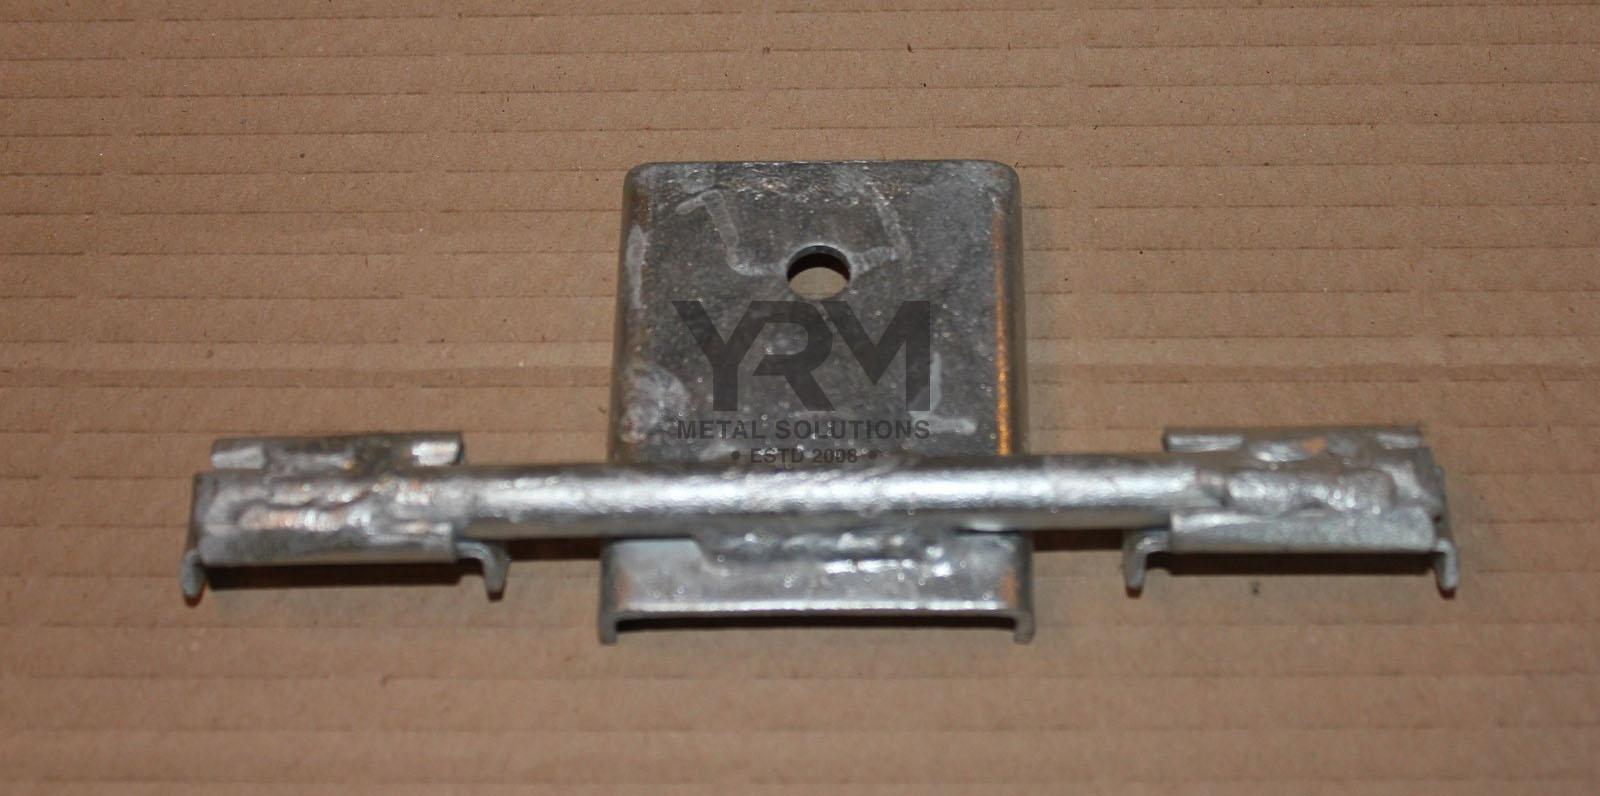 Rear Exhaust Bracket 1987 Onwards Hdg Yrm Metal Solutions